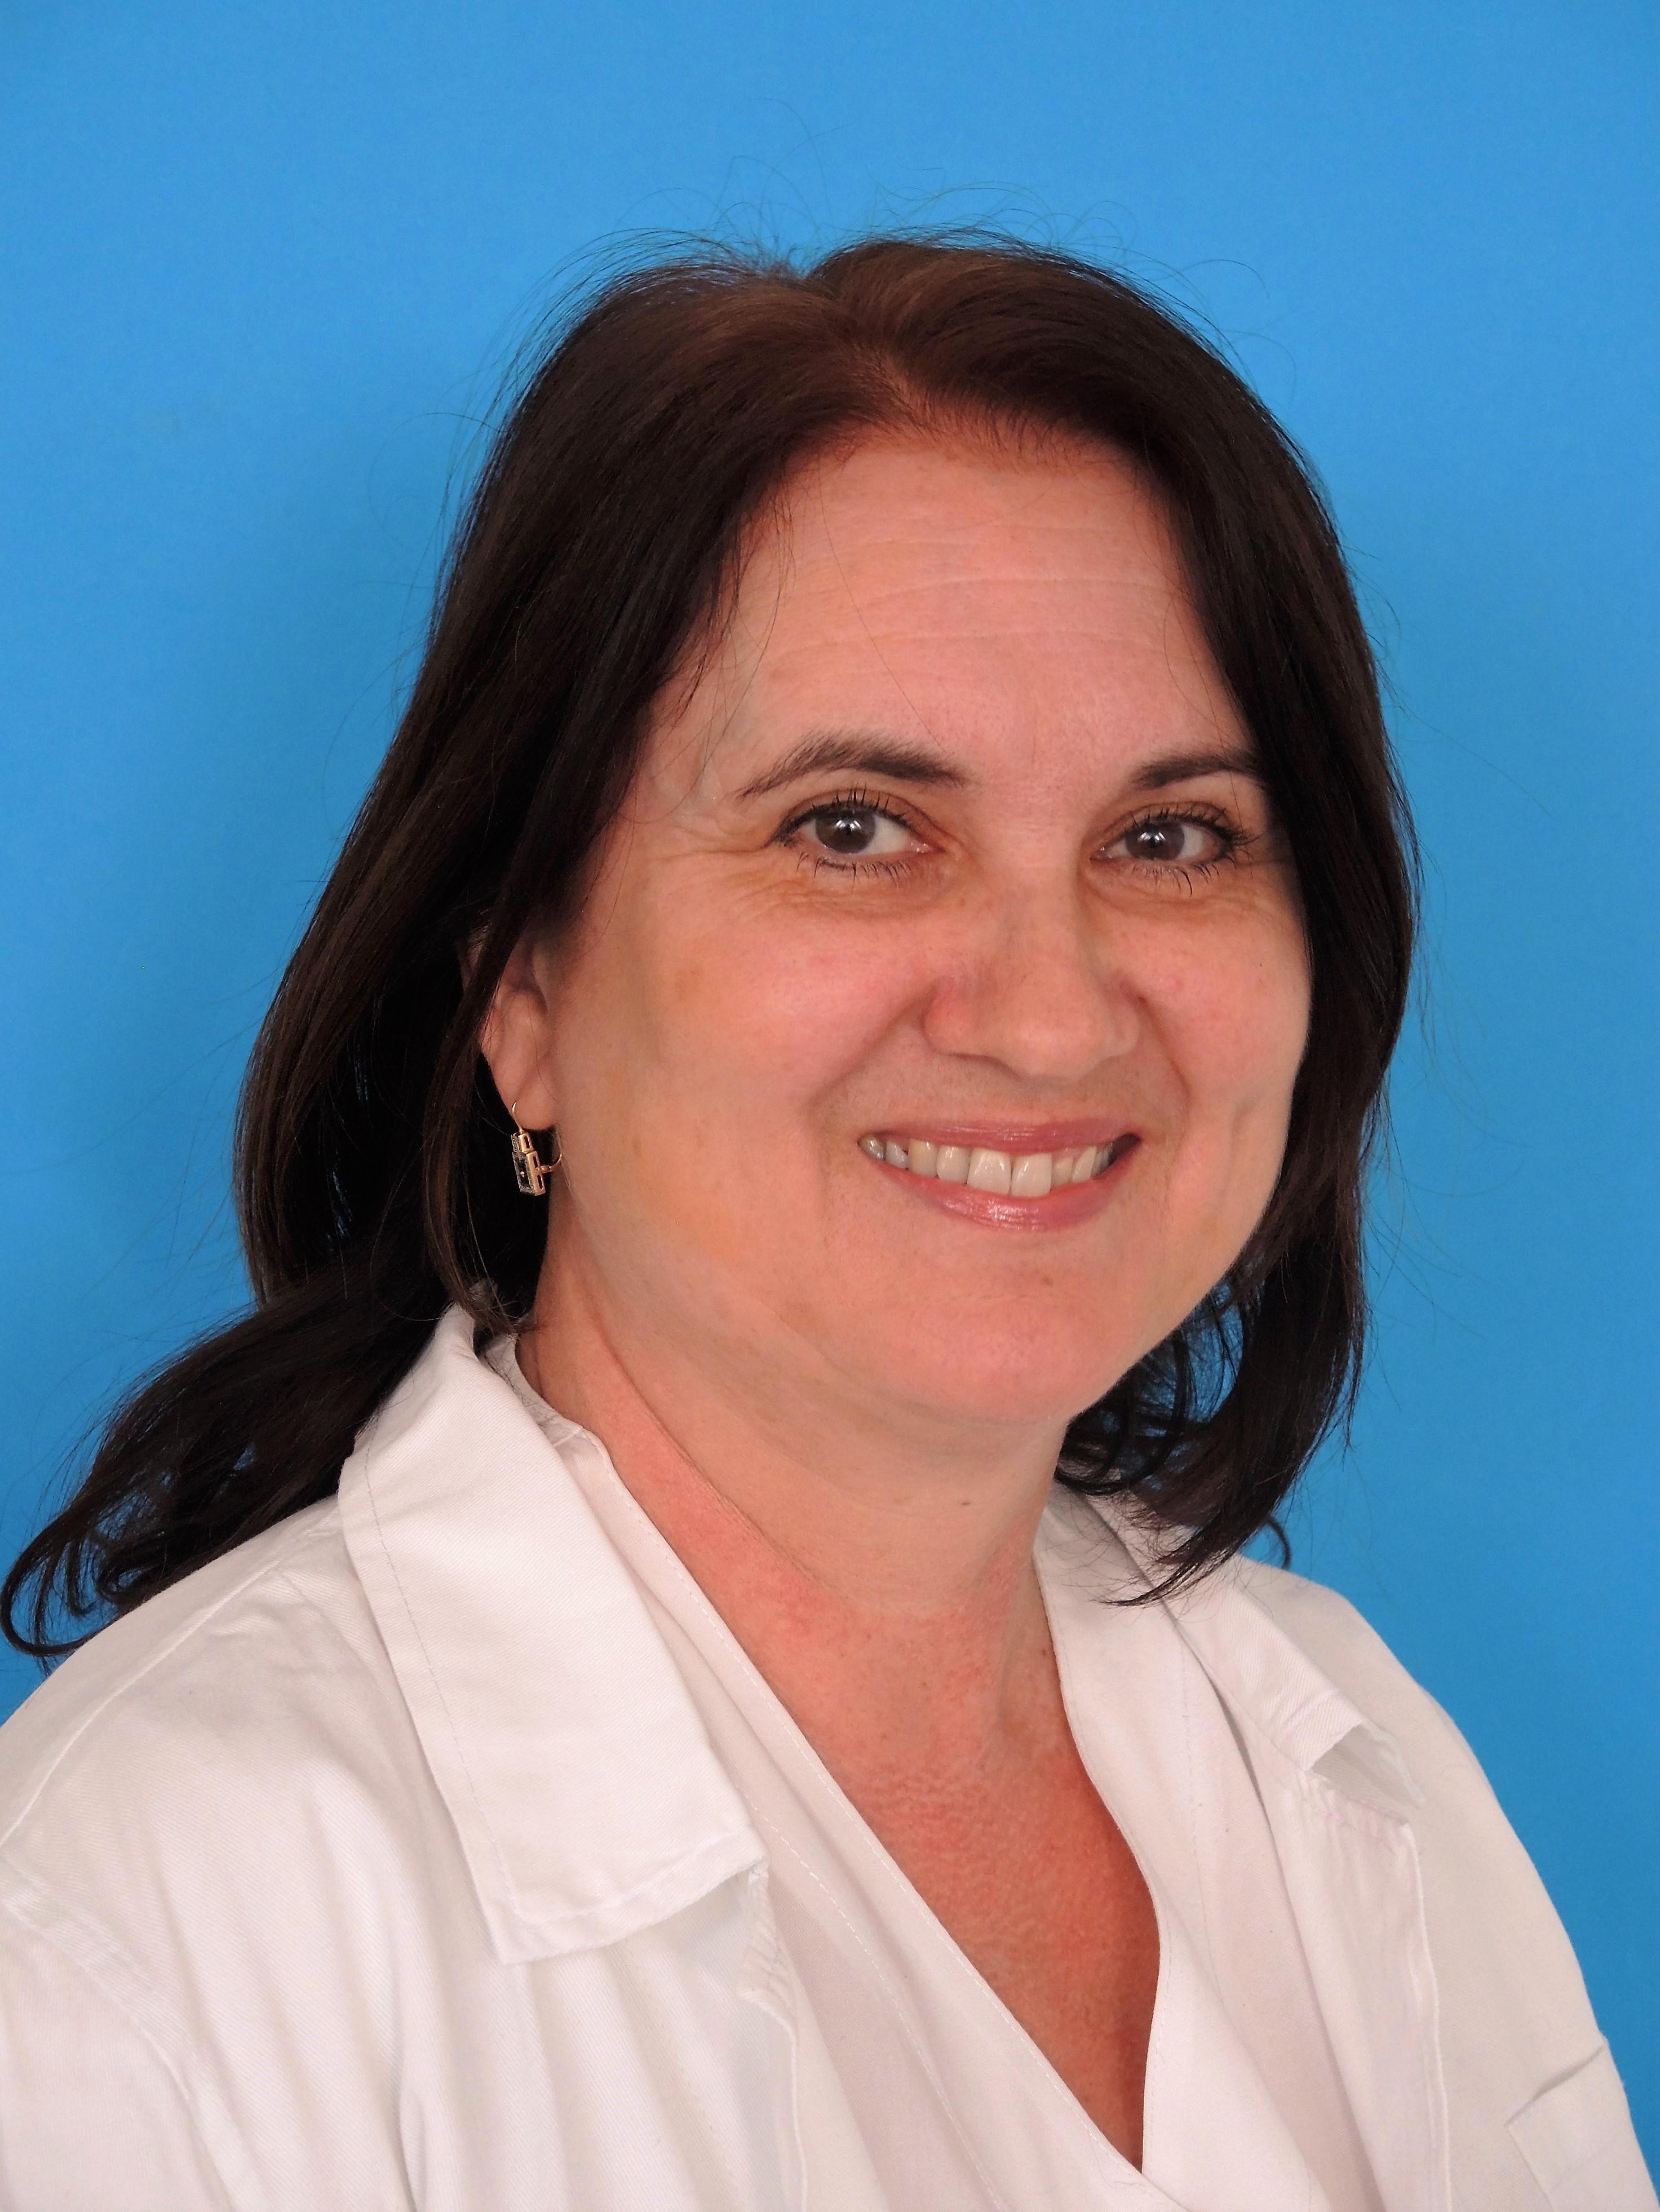 MUDr. Alena Polášková